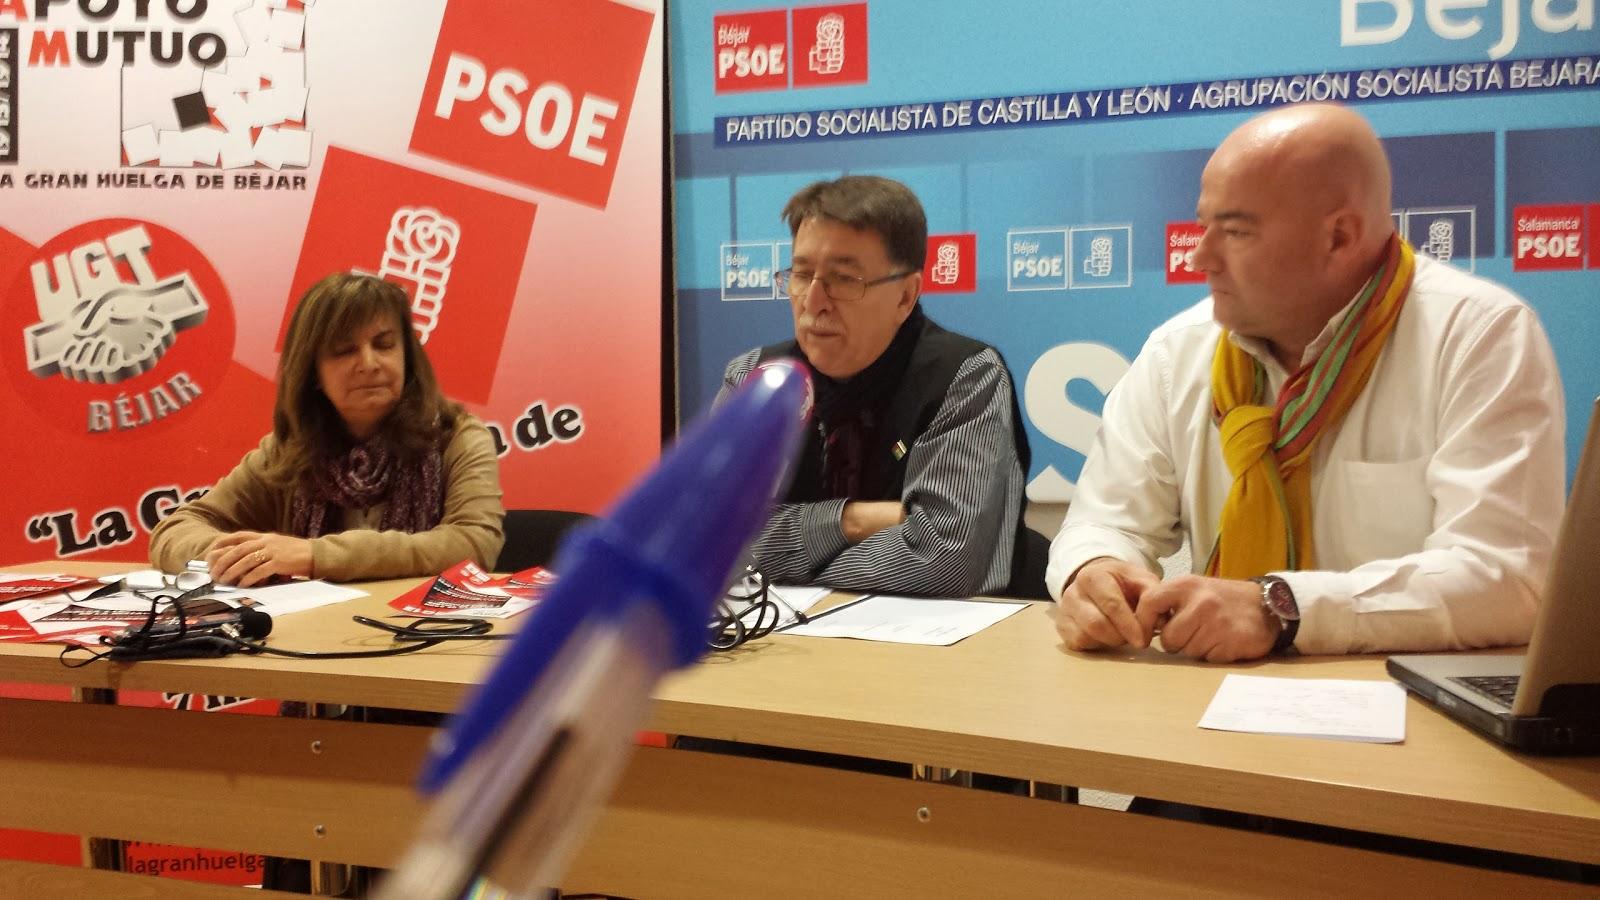 Maripaz Martín Estevez, UGT, CIpriano Gonzalez y Javier Garrido ASB